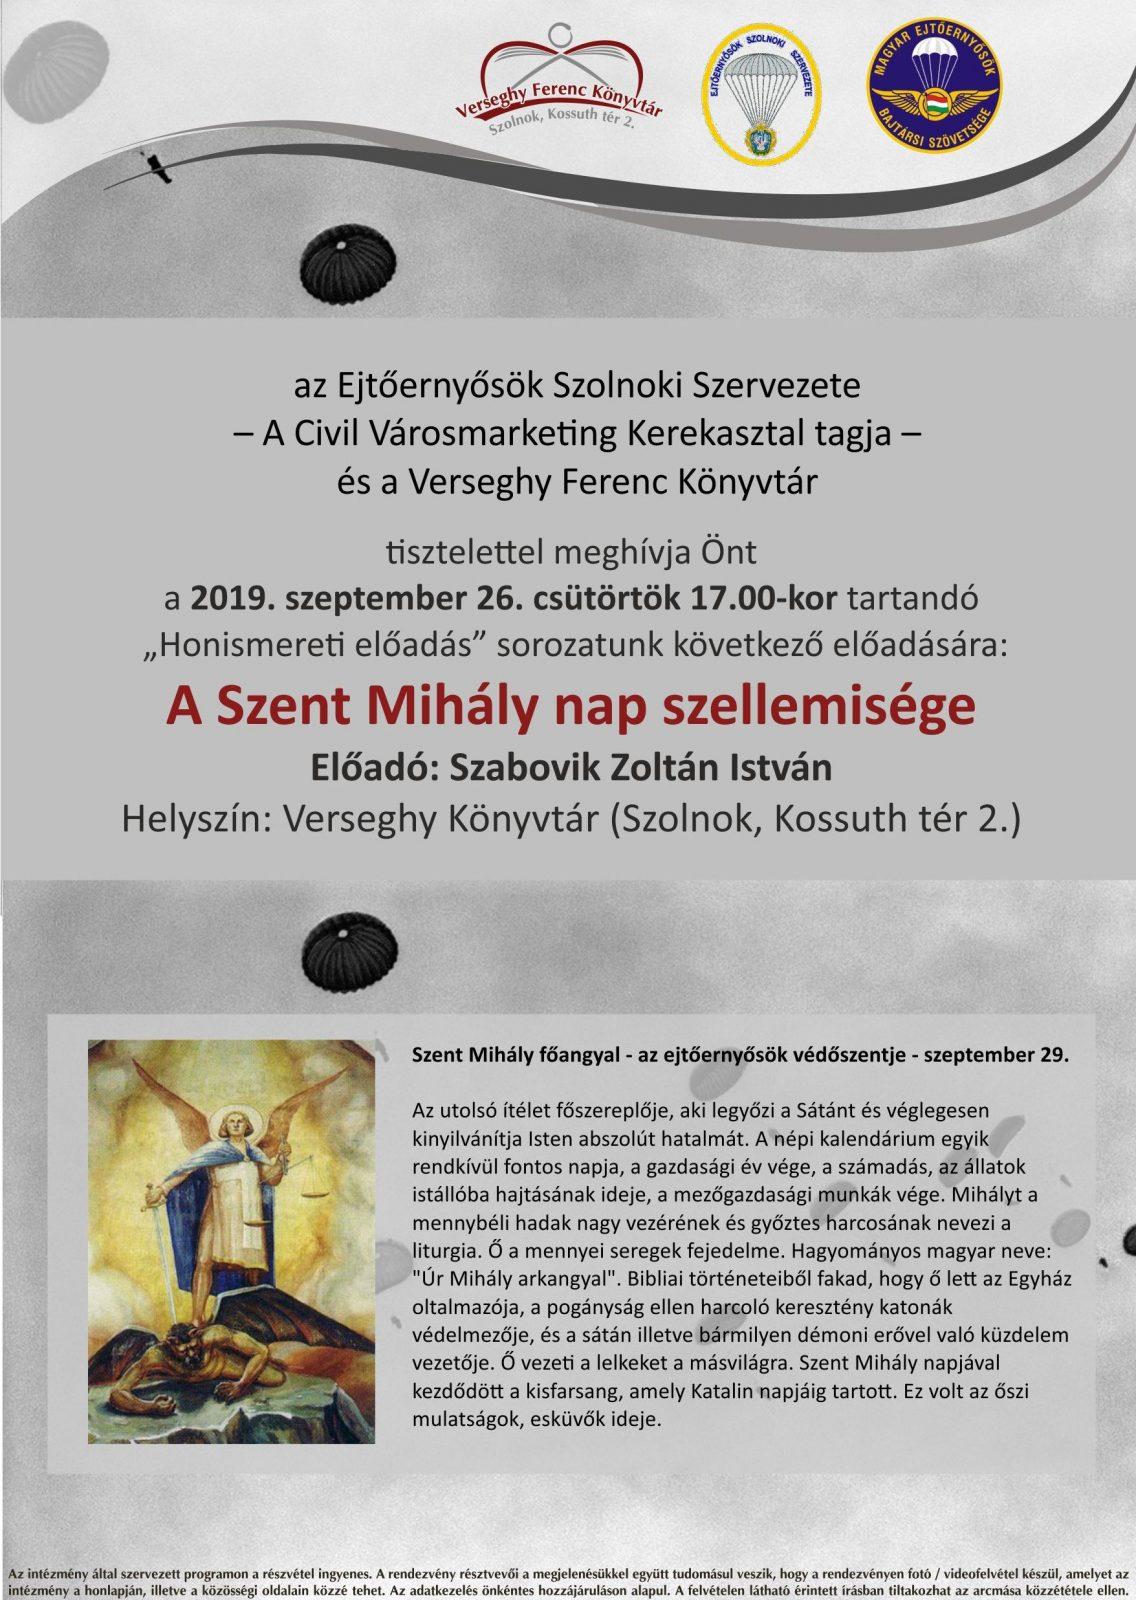 A Szent Mihály nap szellemisége 2019.09.26. ejtőernyős